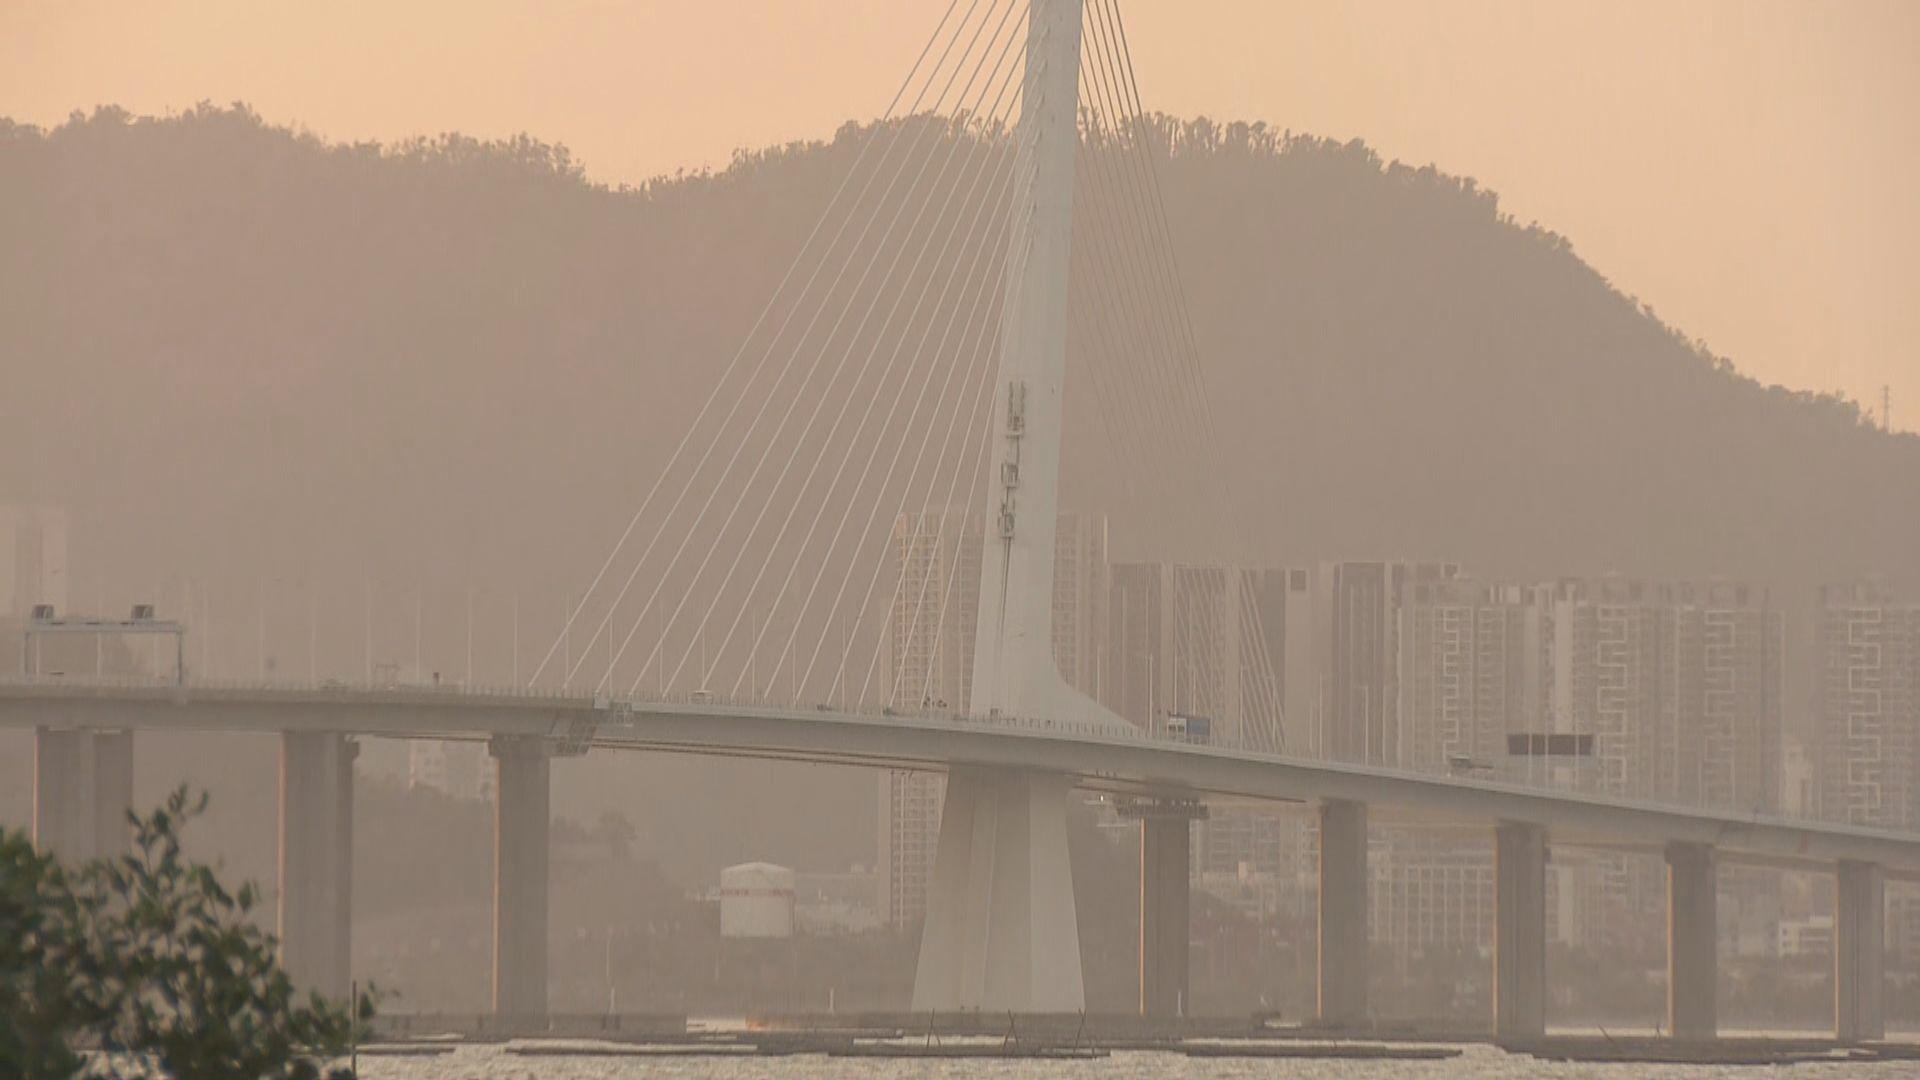 深圳灣公路大橋外置鋼纜因鏽蝕折斷